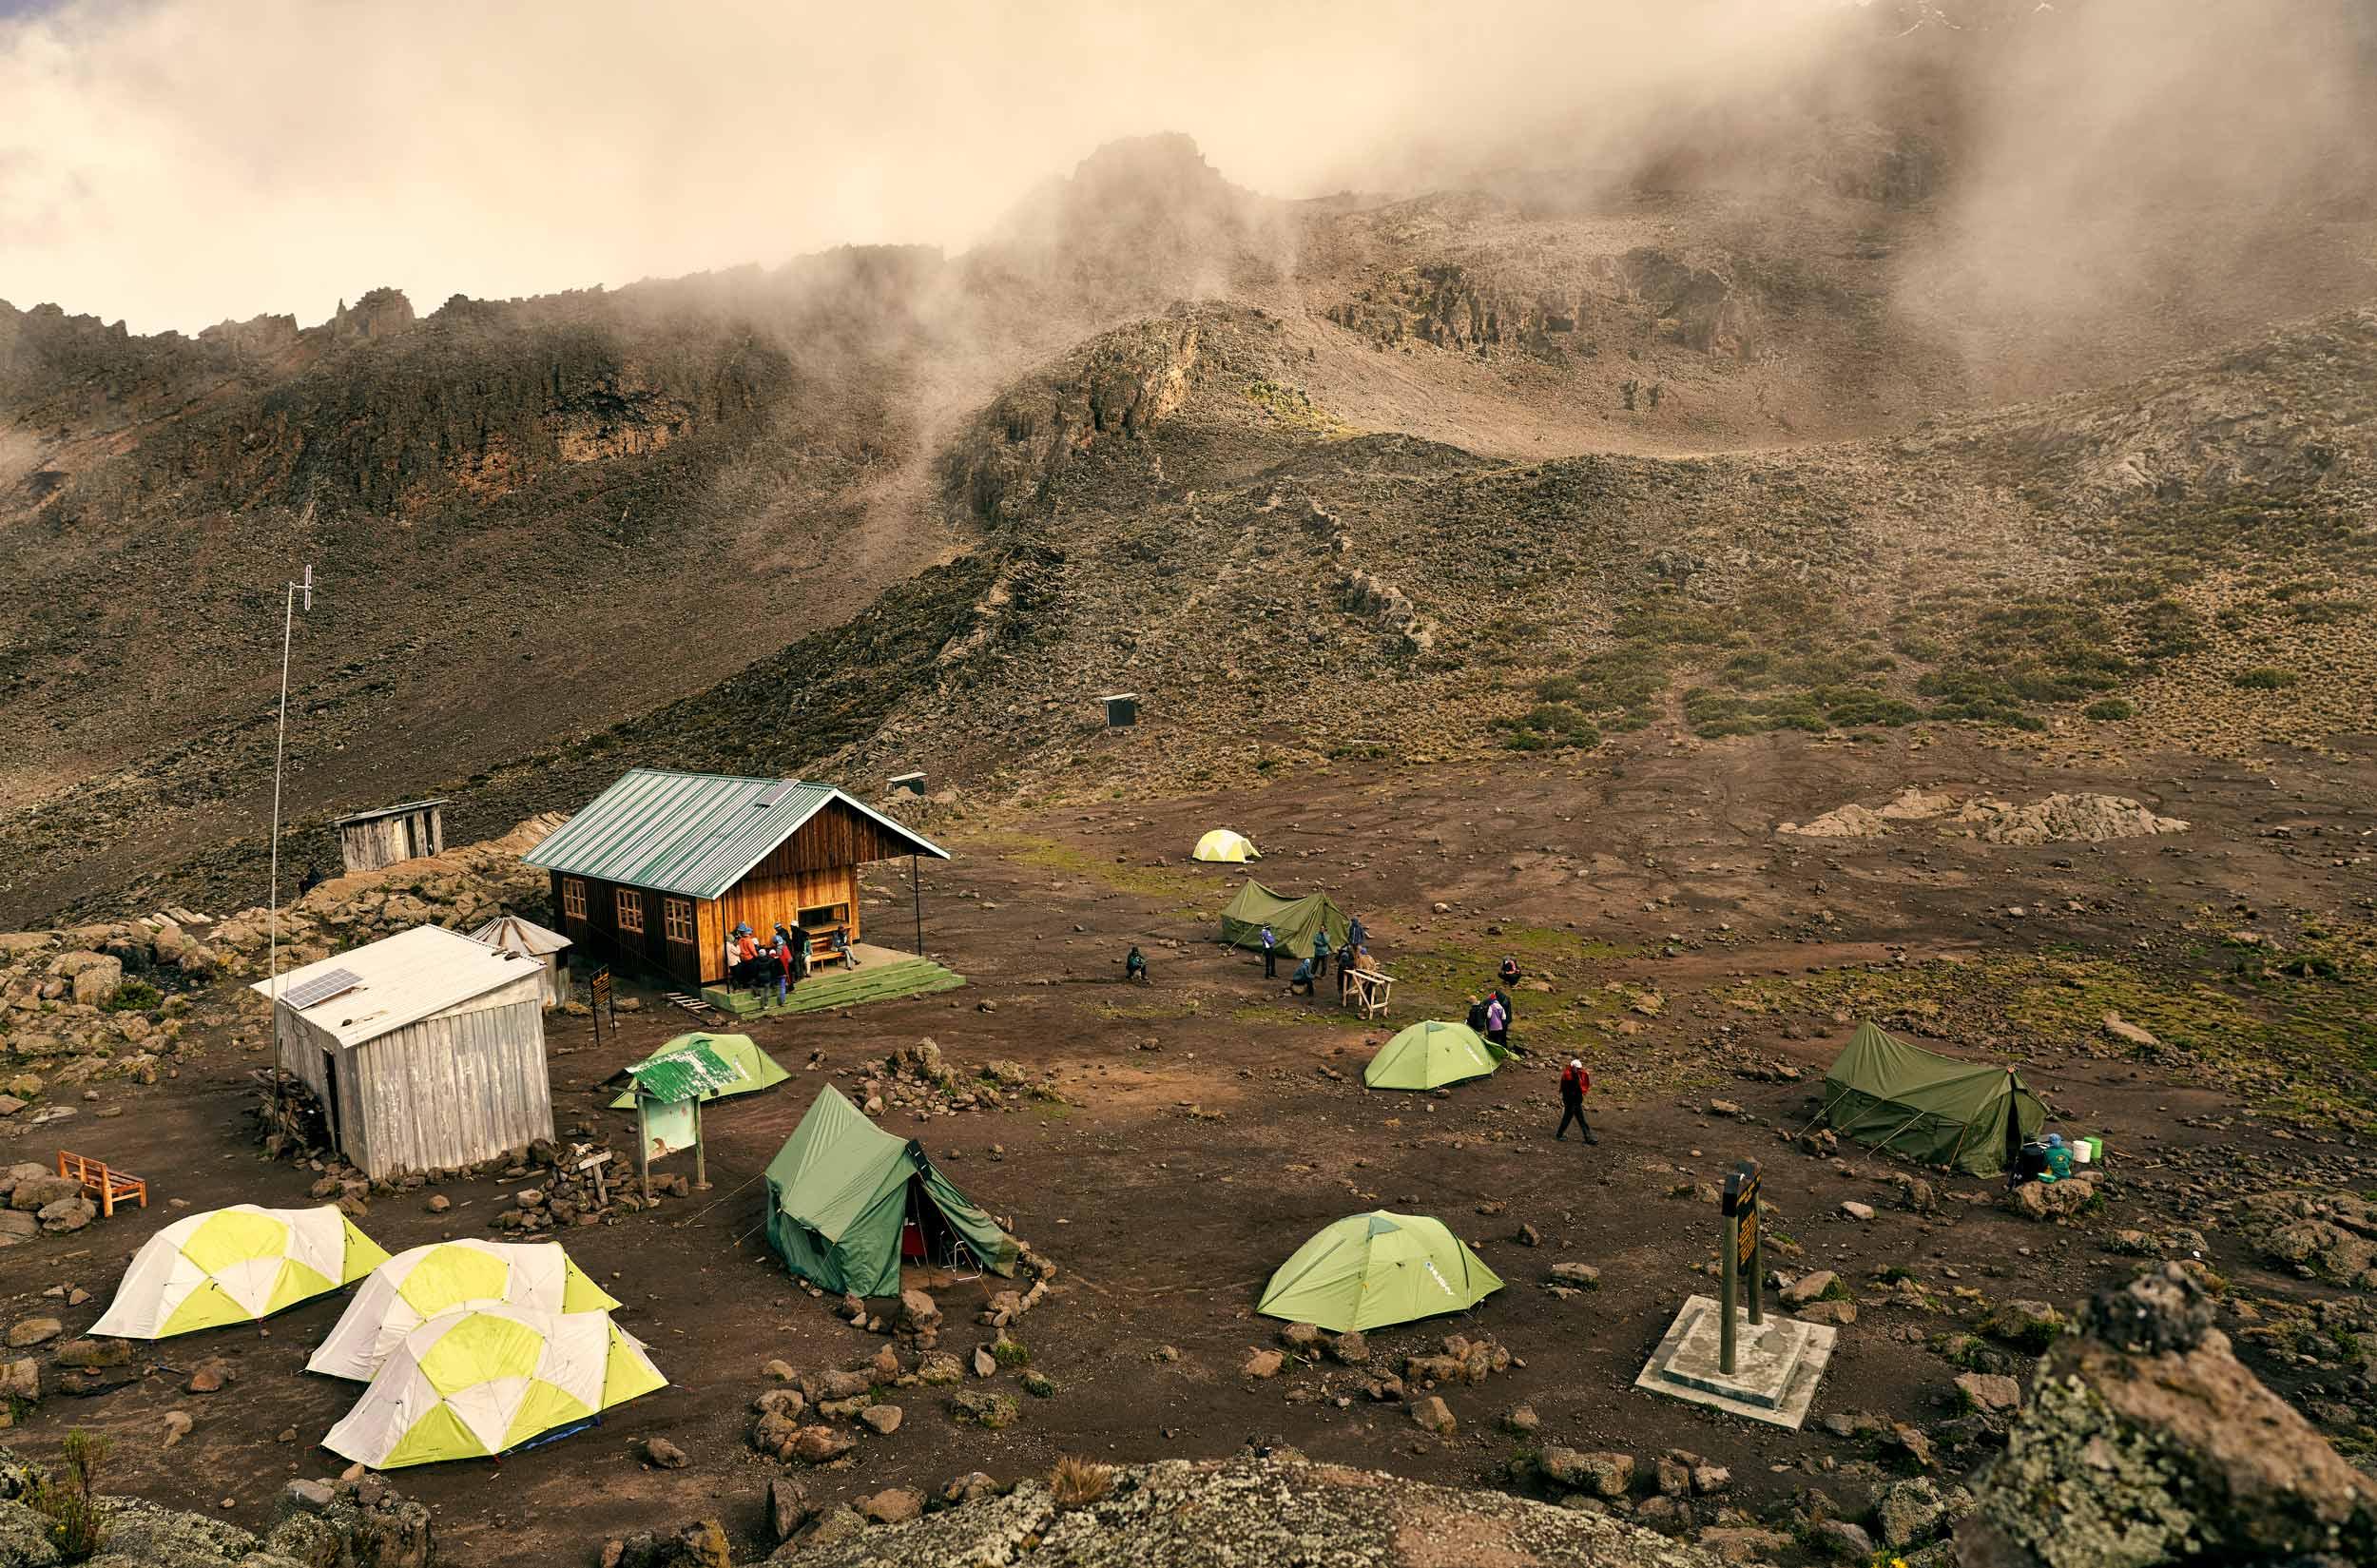 032618-EB_Kilimanjaro_0004